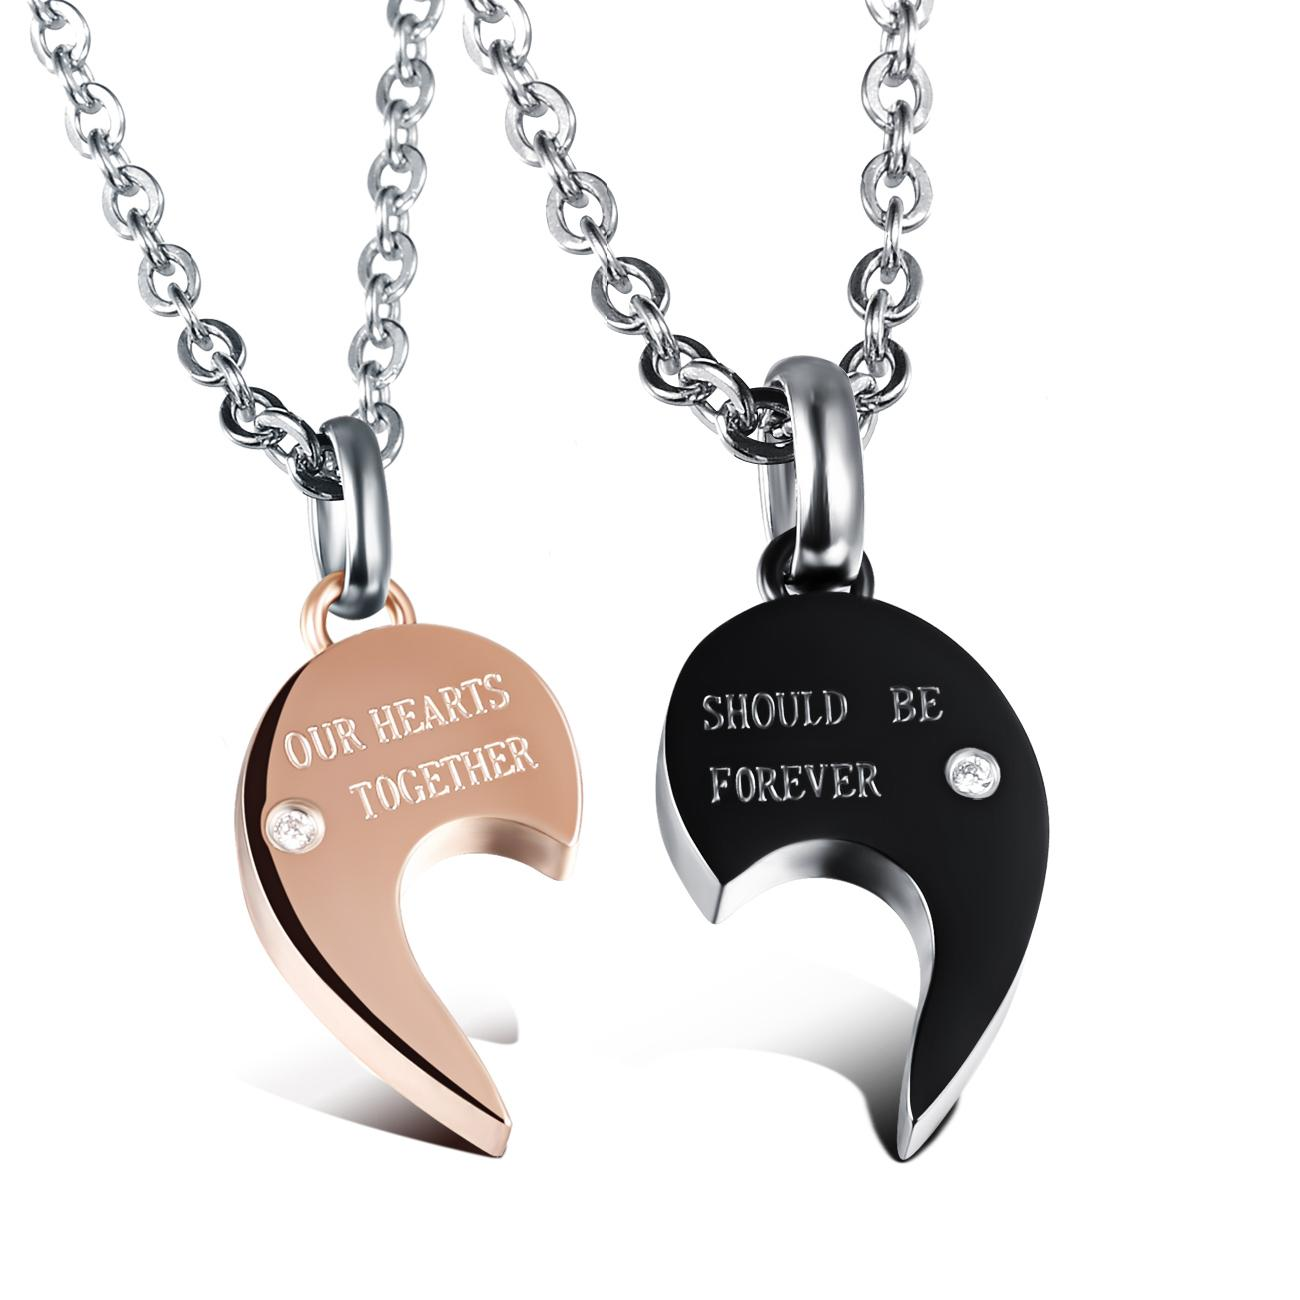 Coppia gioielli Collana in acciaio inossidabile 316L con cuore a puzzle